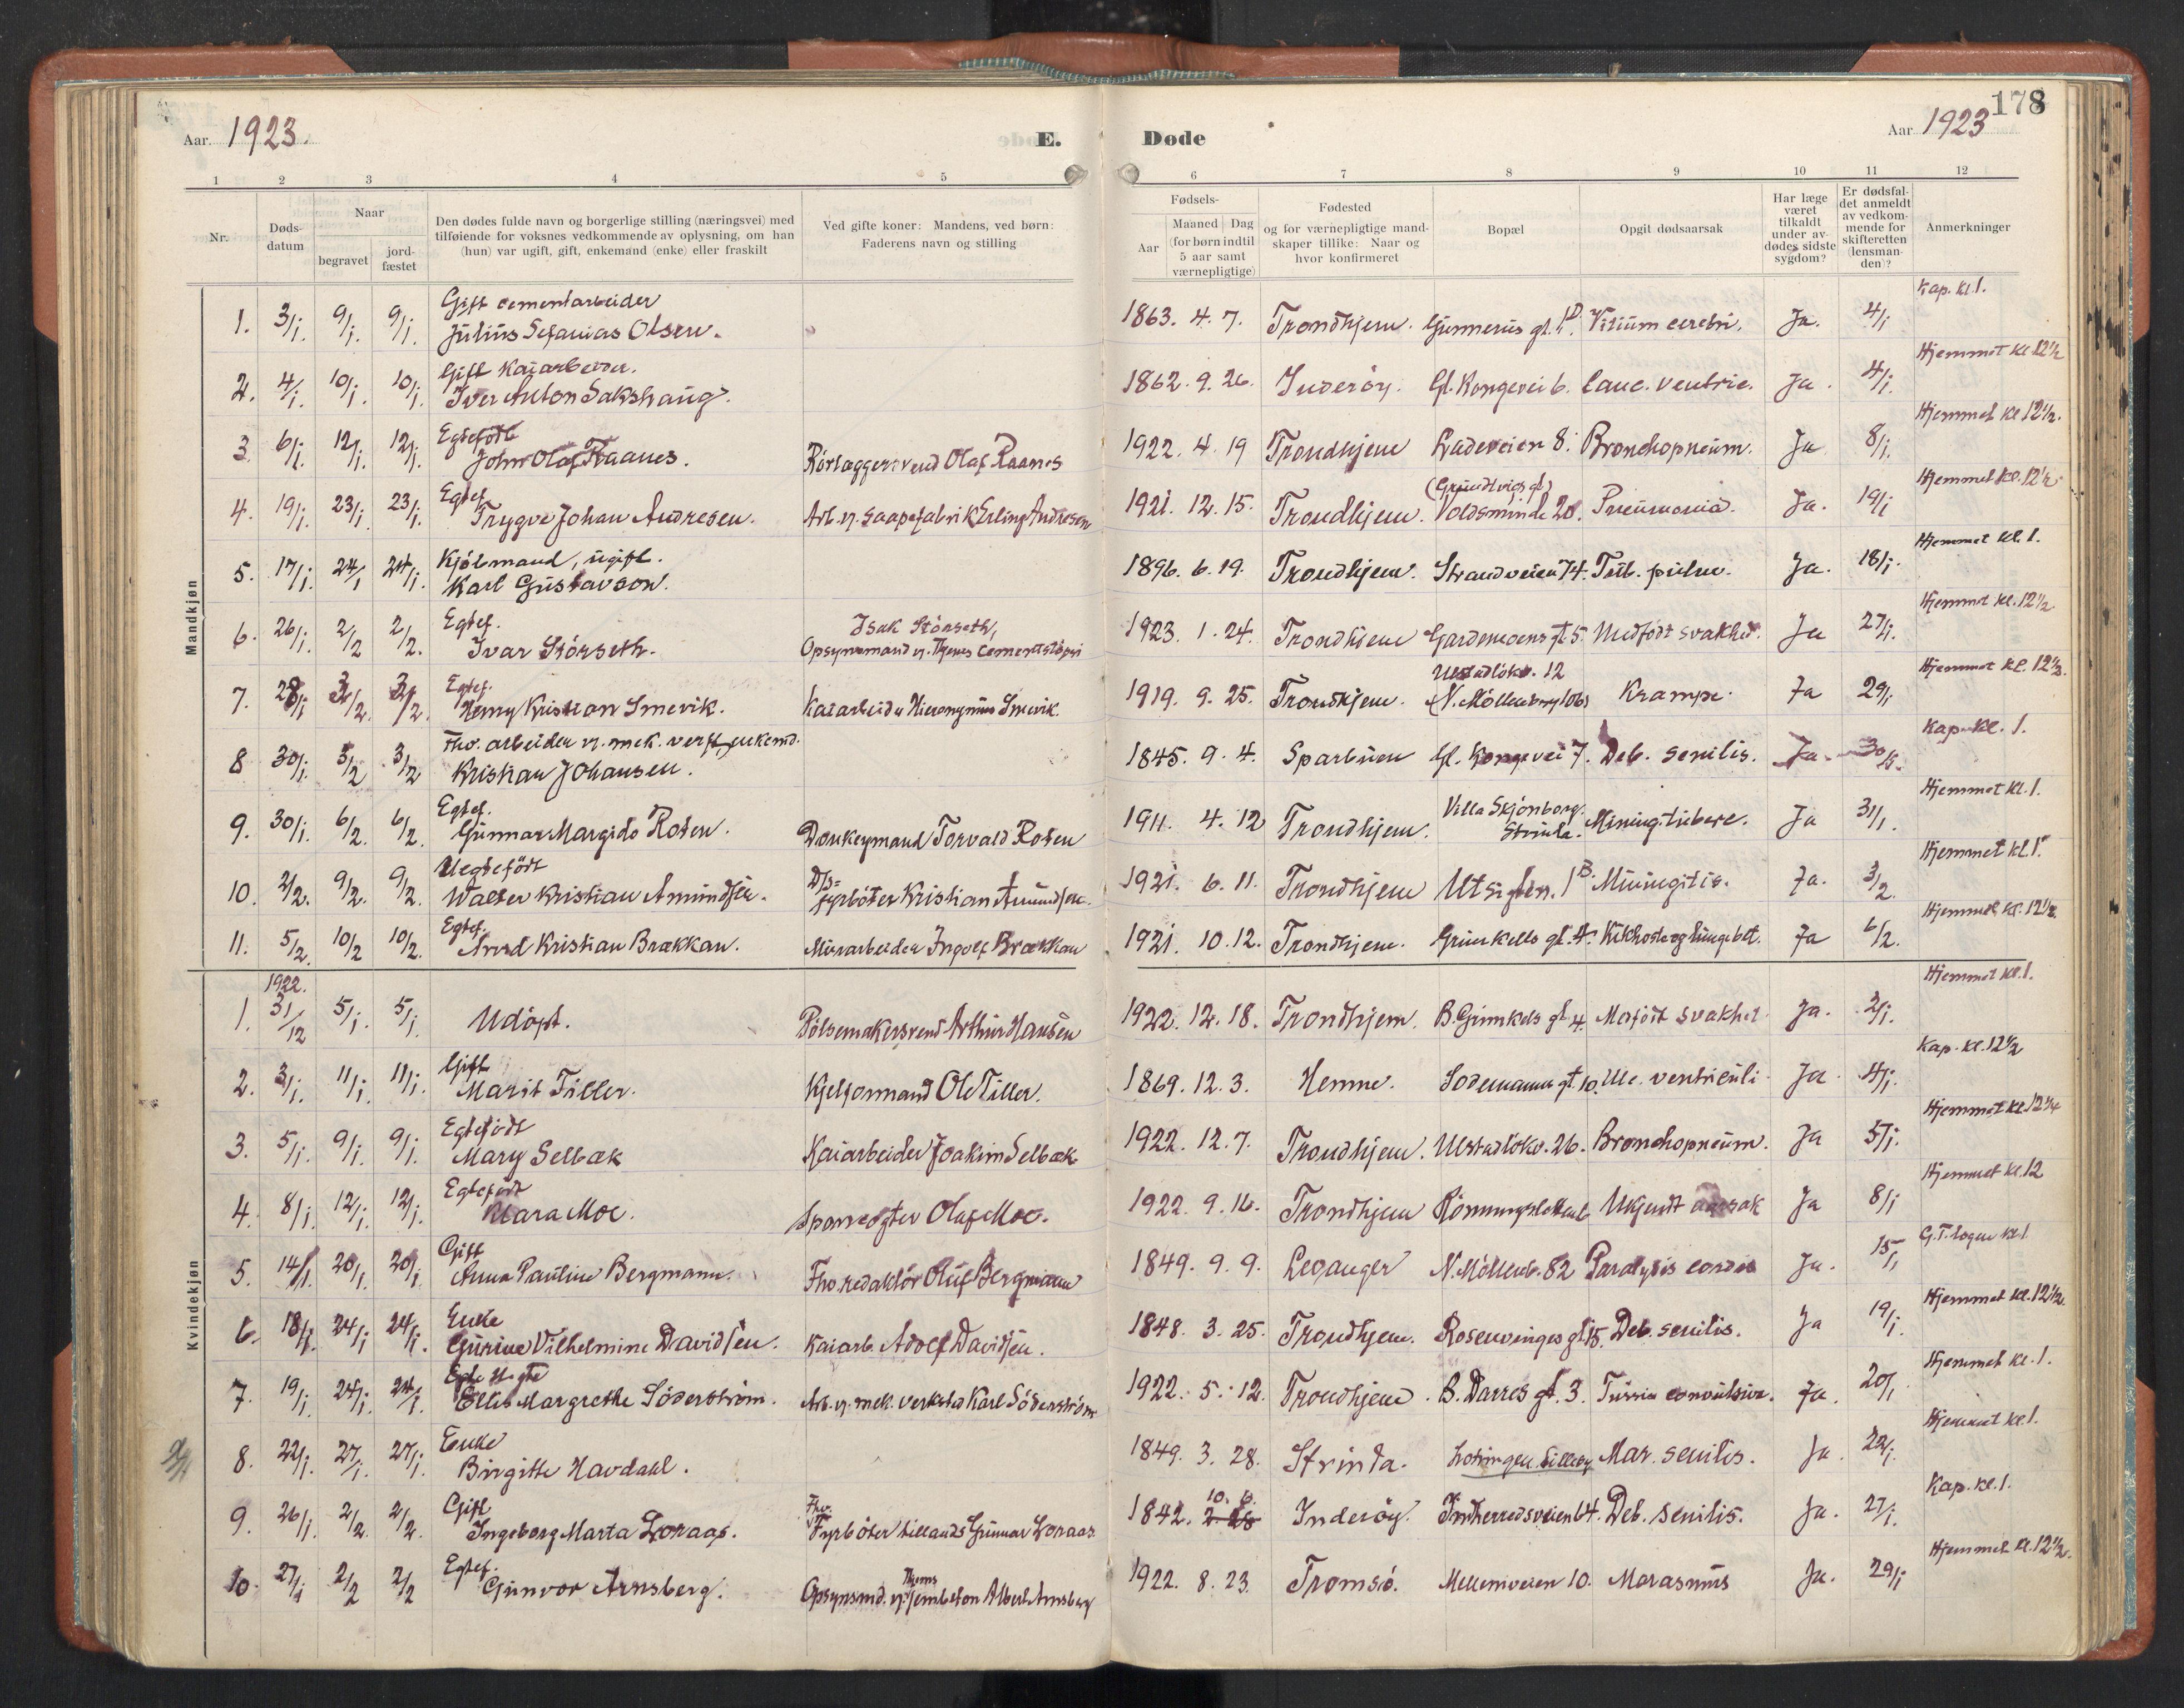 SAT, Ministerialprotokoller, klokkerbøker og fødselsregistre - Sør-Trøndelag, 605/L0245: Ministerialbok nr. 605A07, 1916-1938, s. 178